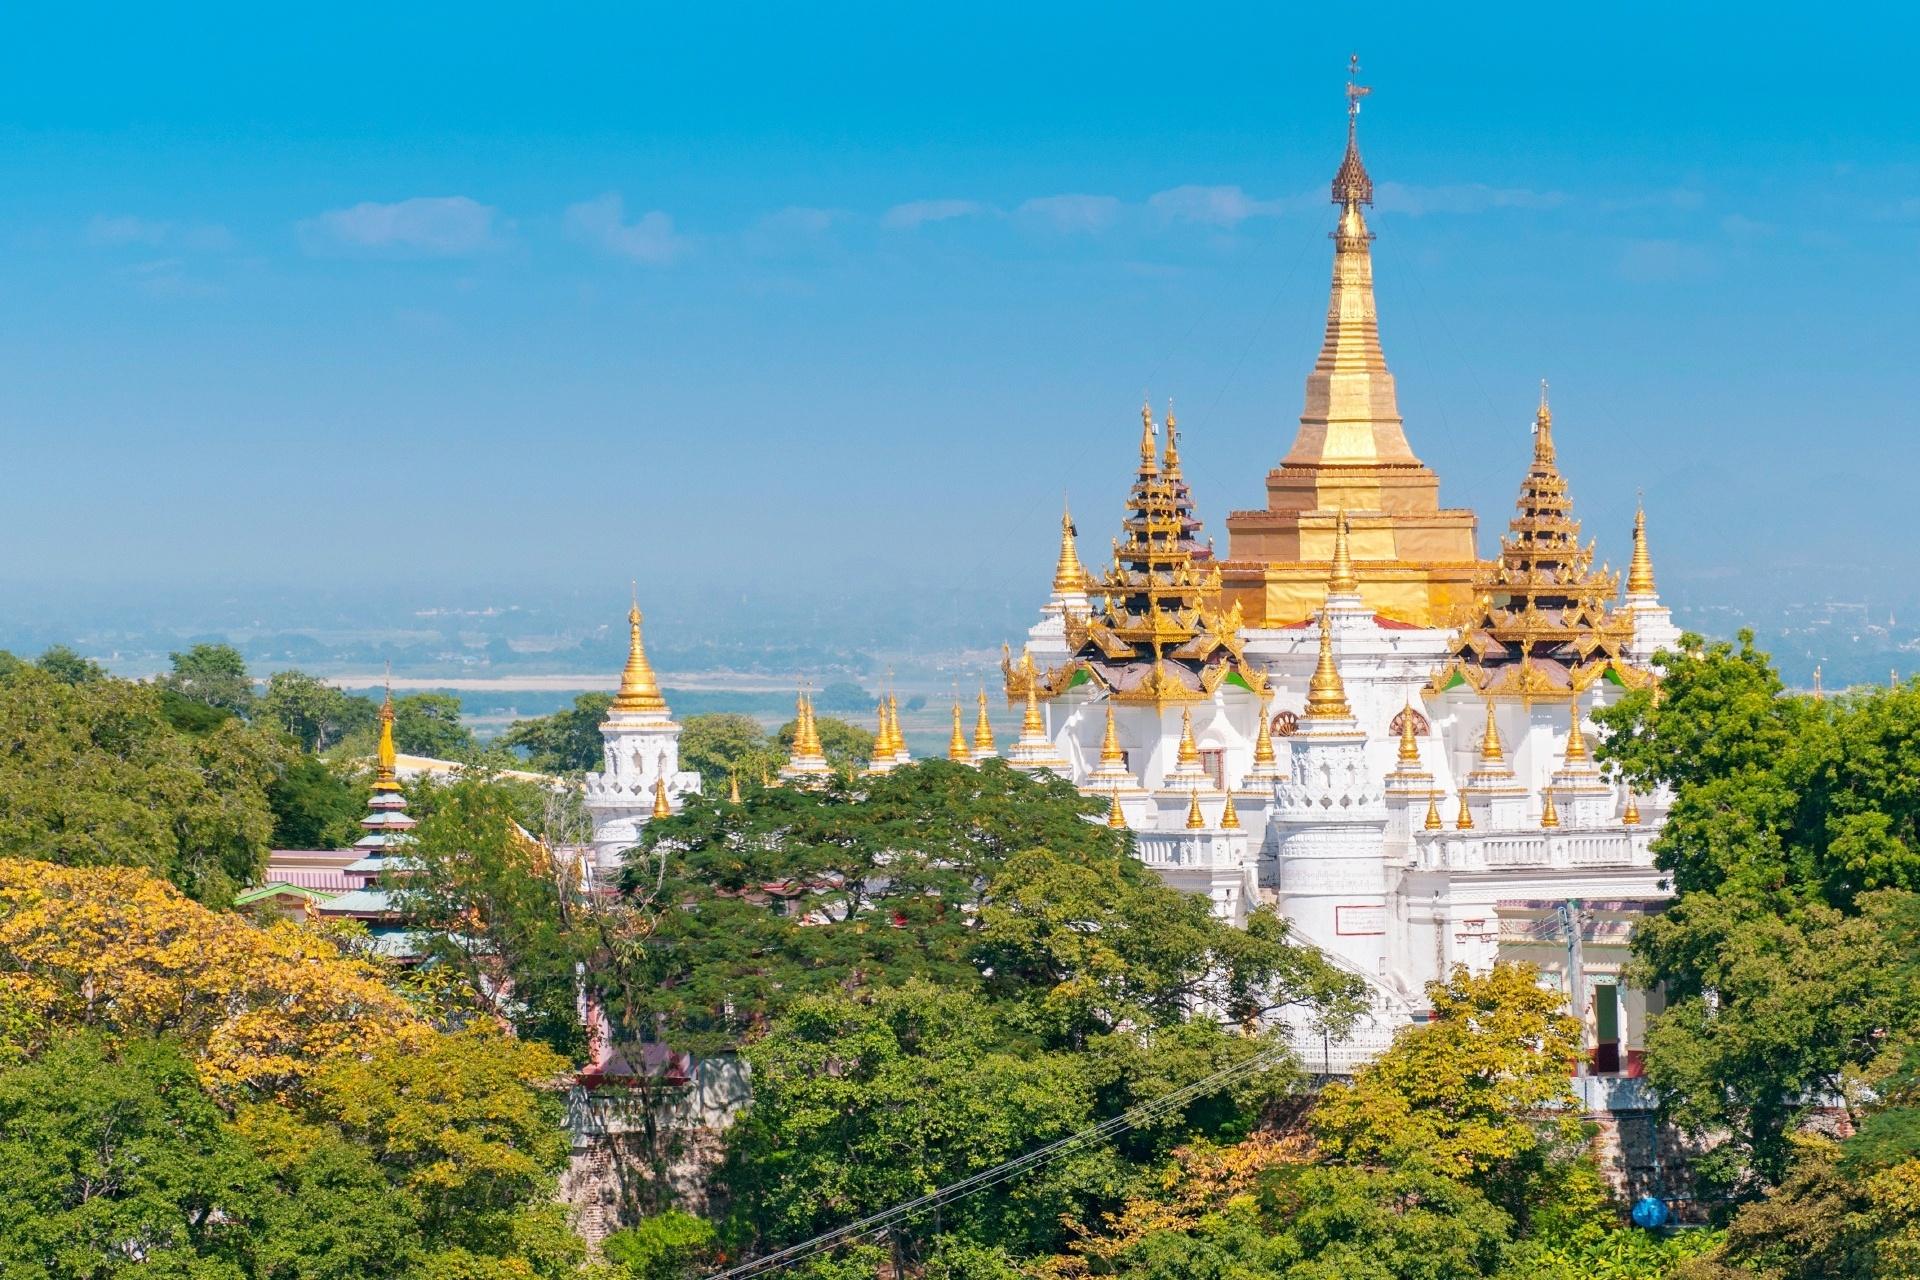 黄金のパゴダとサガイン・ヒルの風景 ミャンマーの風景